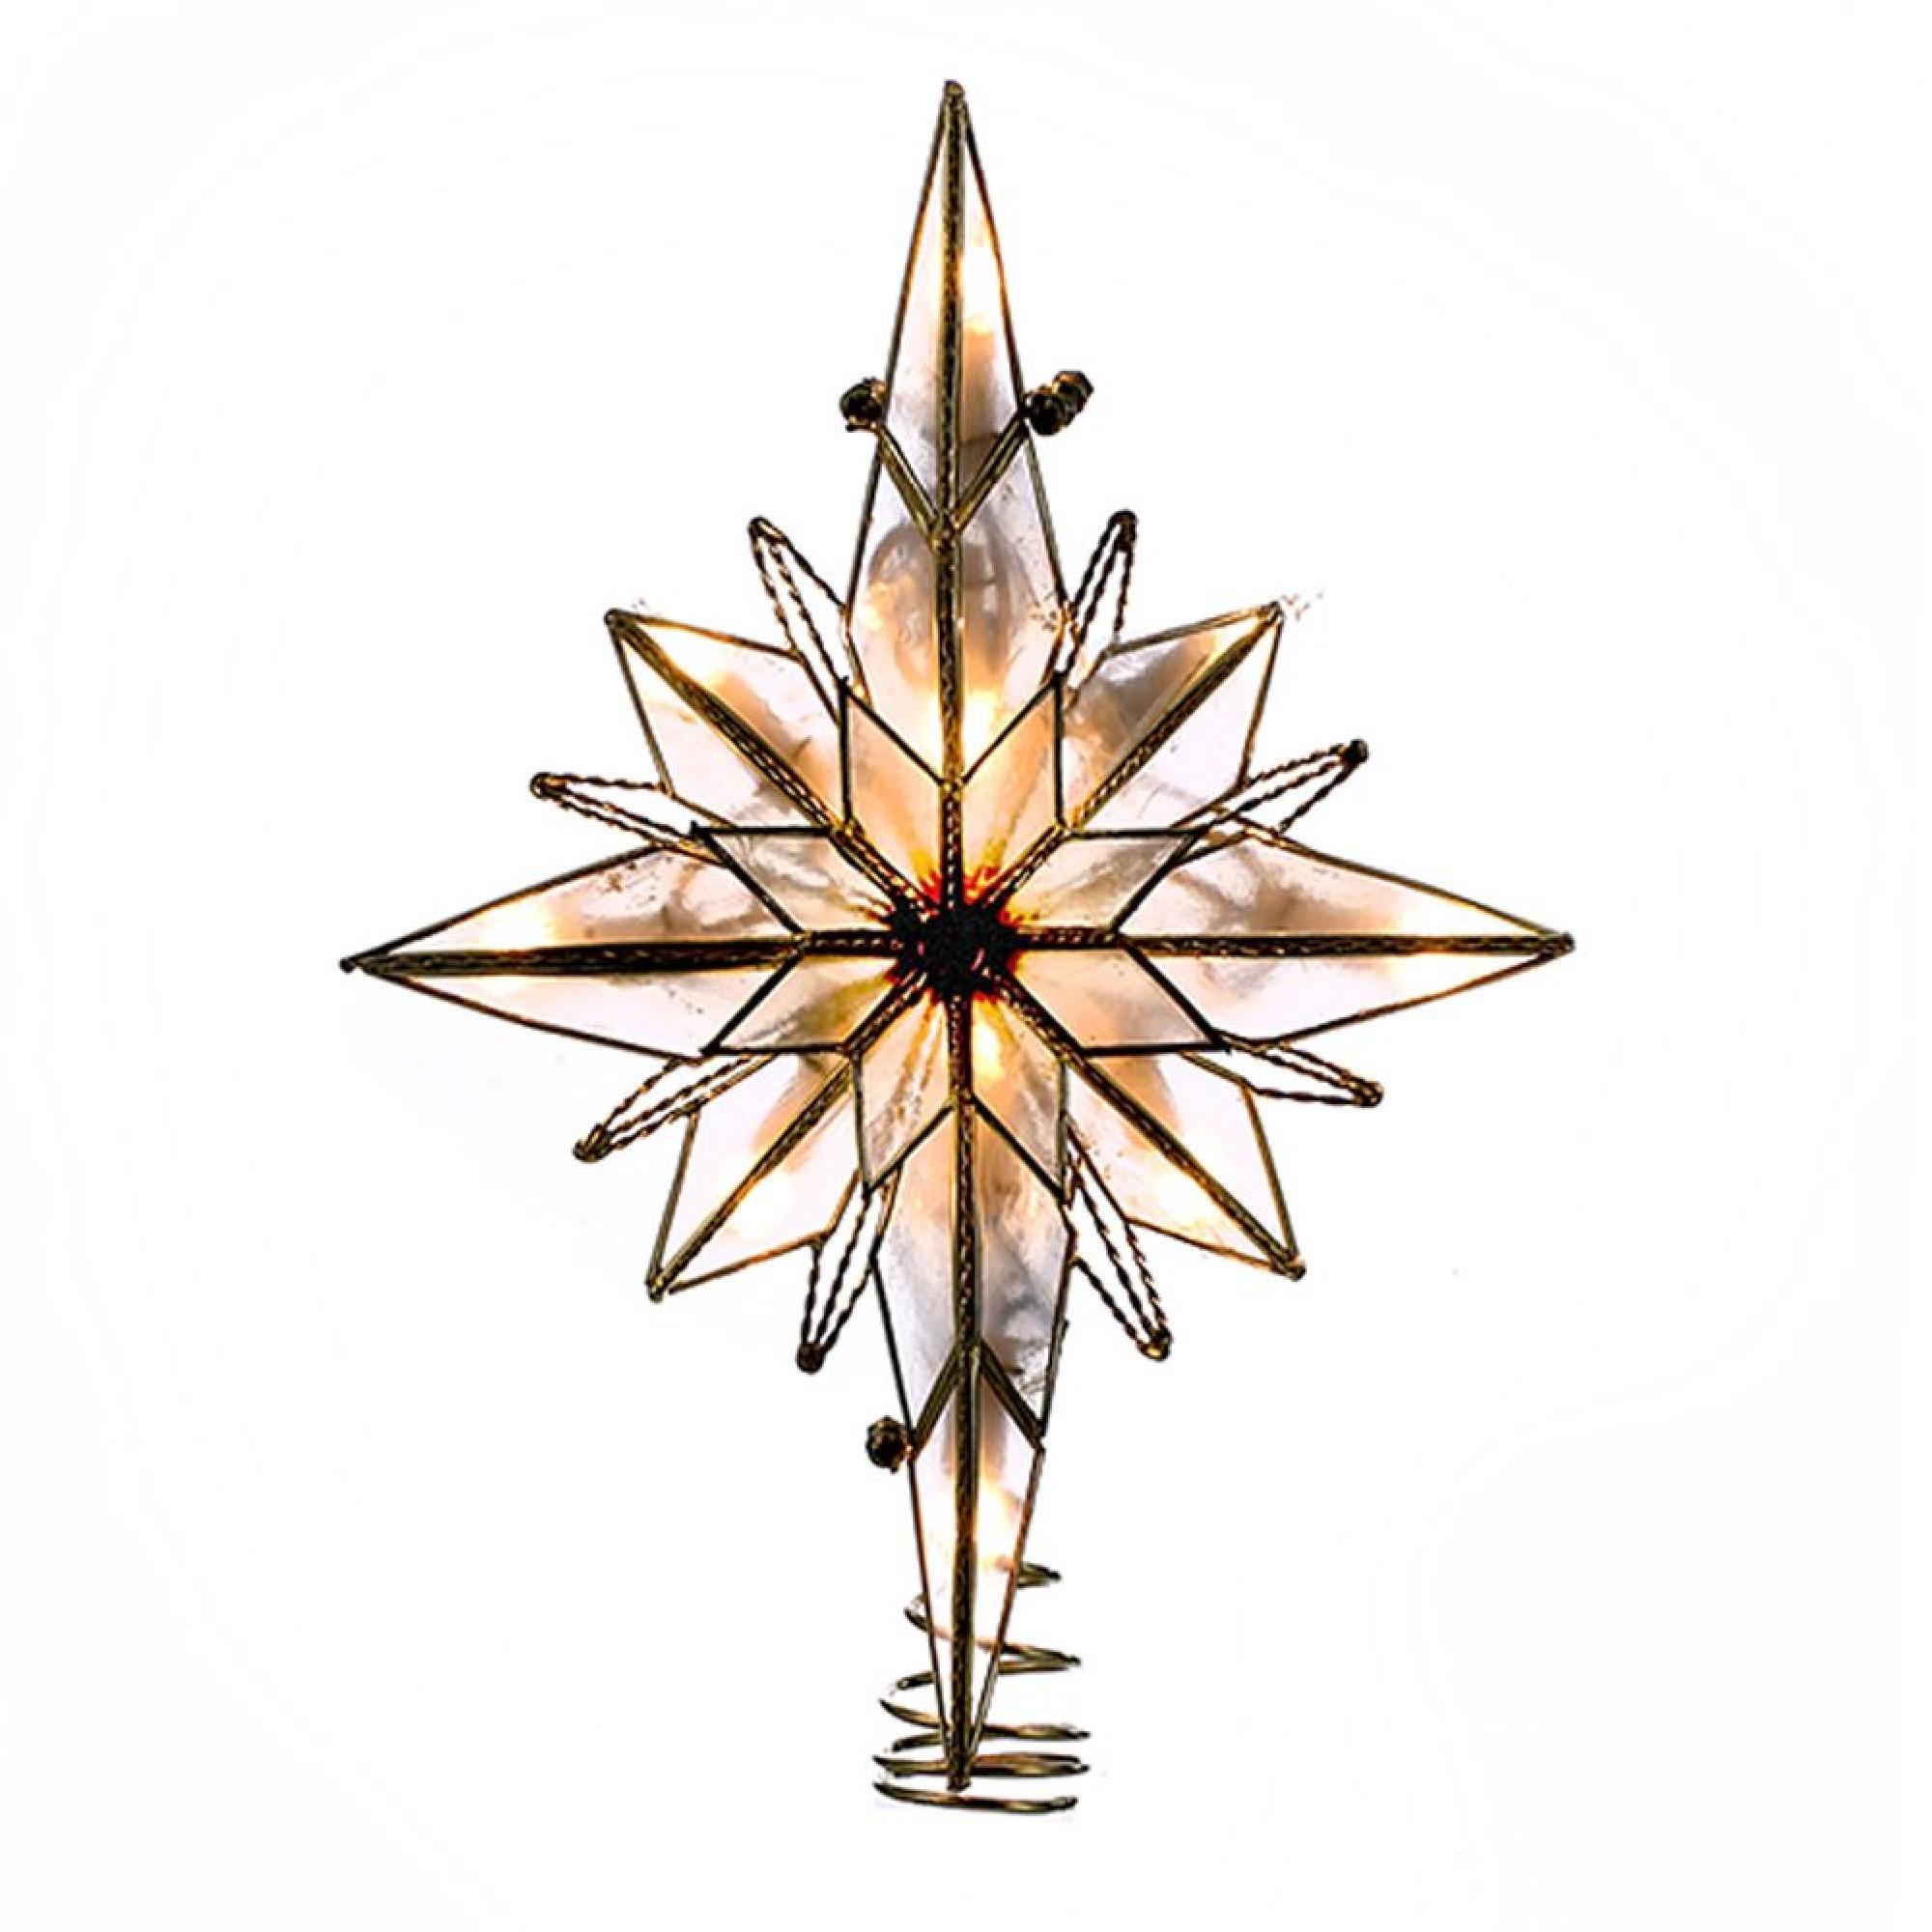 """10"""" Multi-Point Star of Bethlehem Glass Gem Christmas Tree Topper - Clear Lights"""